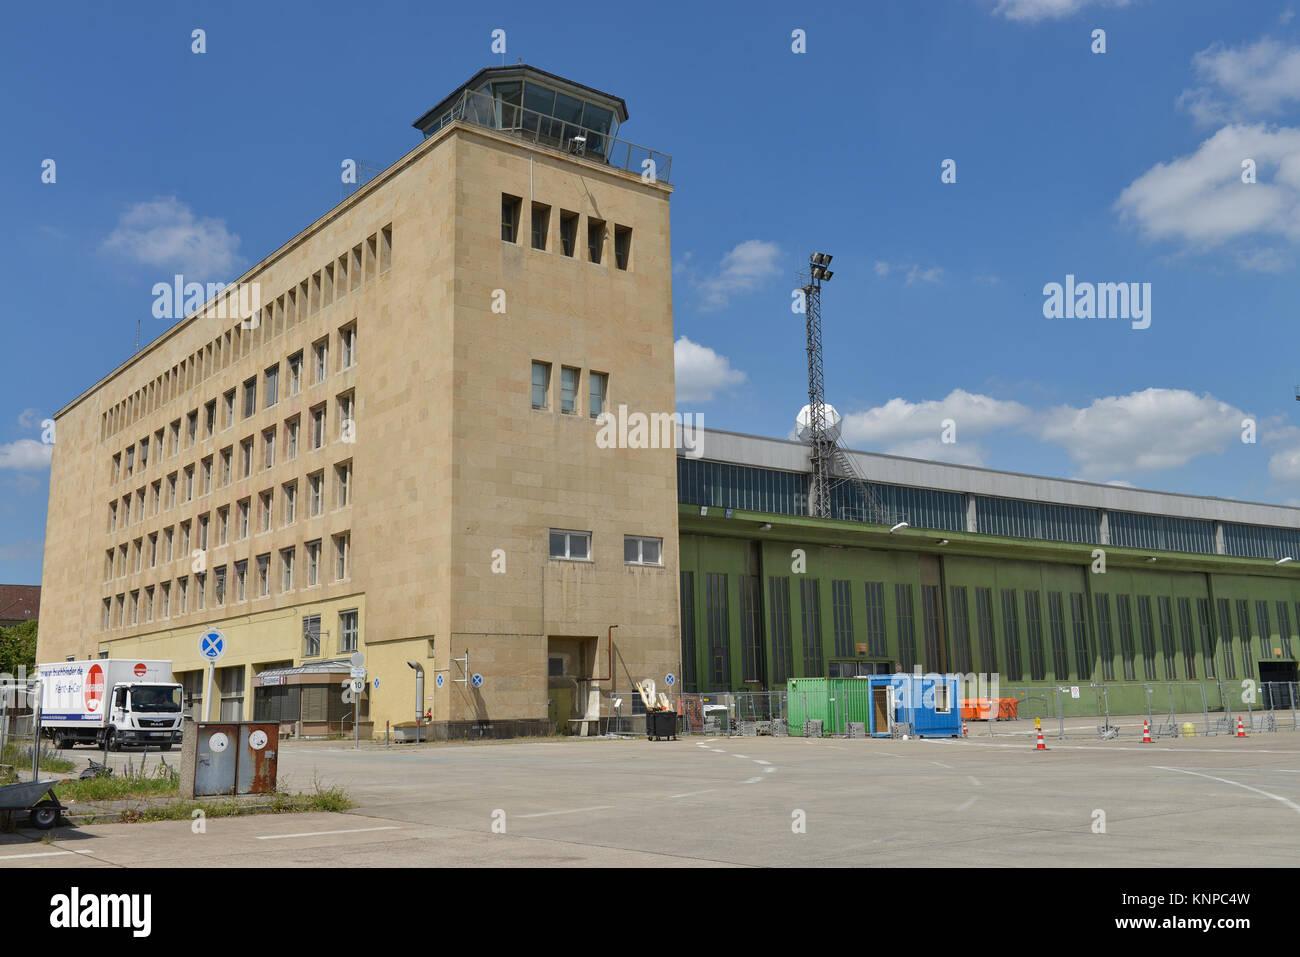 Tower, airport Tempelhof, Tempelhofer field, temple court, Berlin, Germany, Flughafen Tempelhof, Tempelhofer Feld, - Stock Image